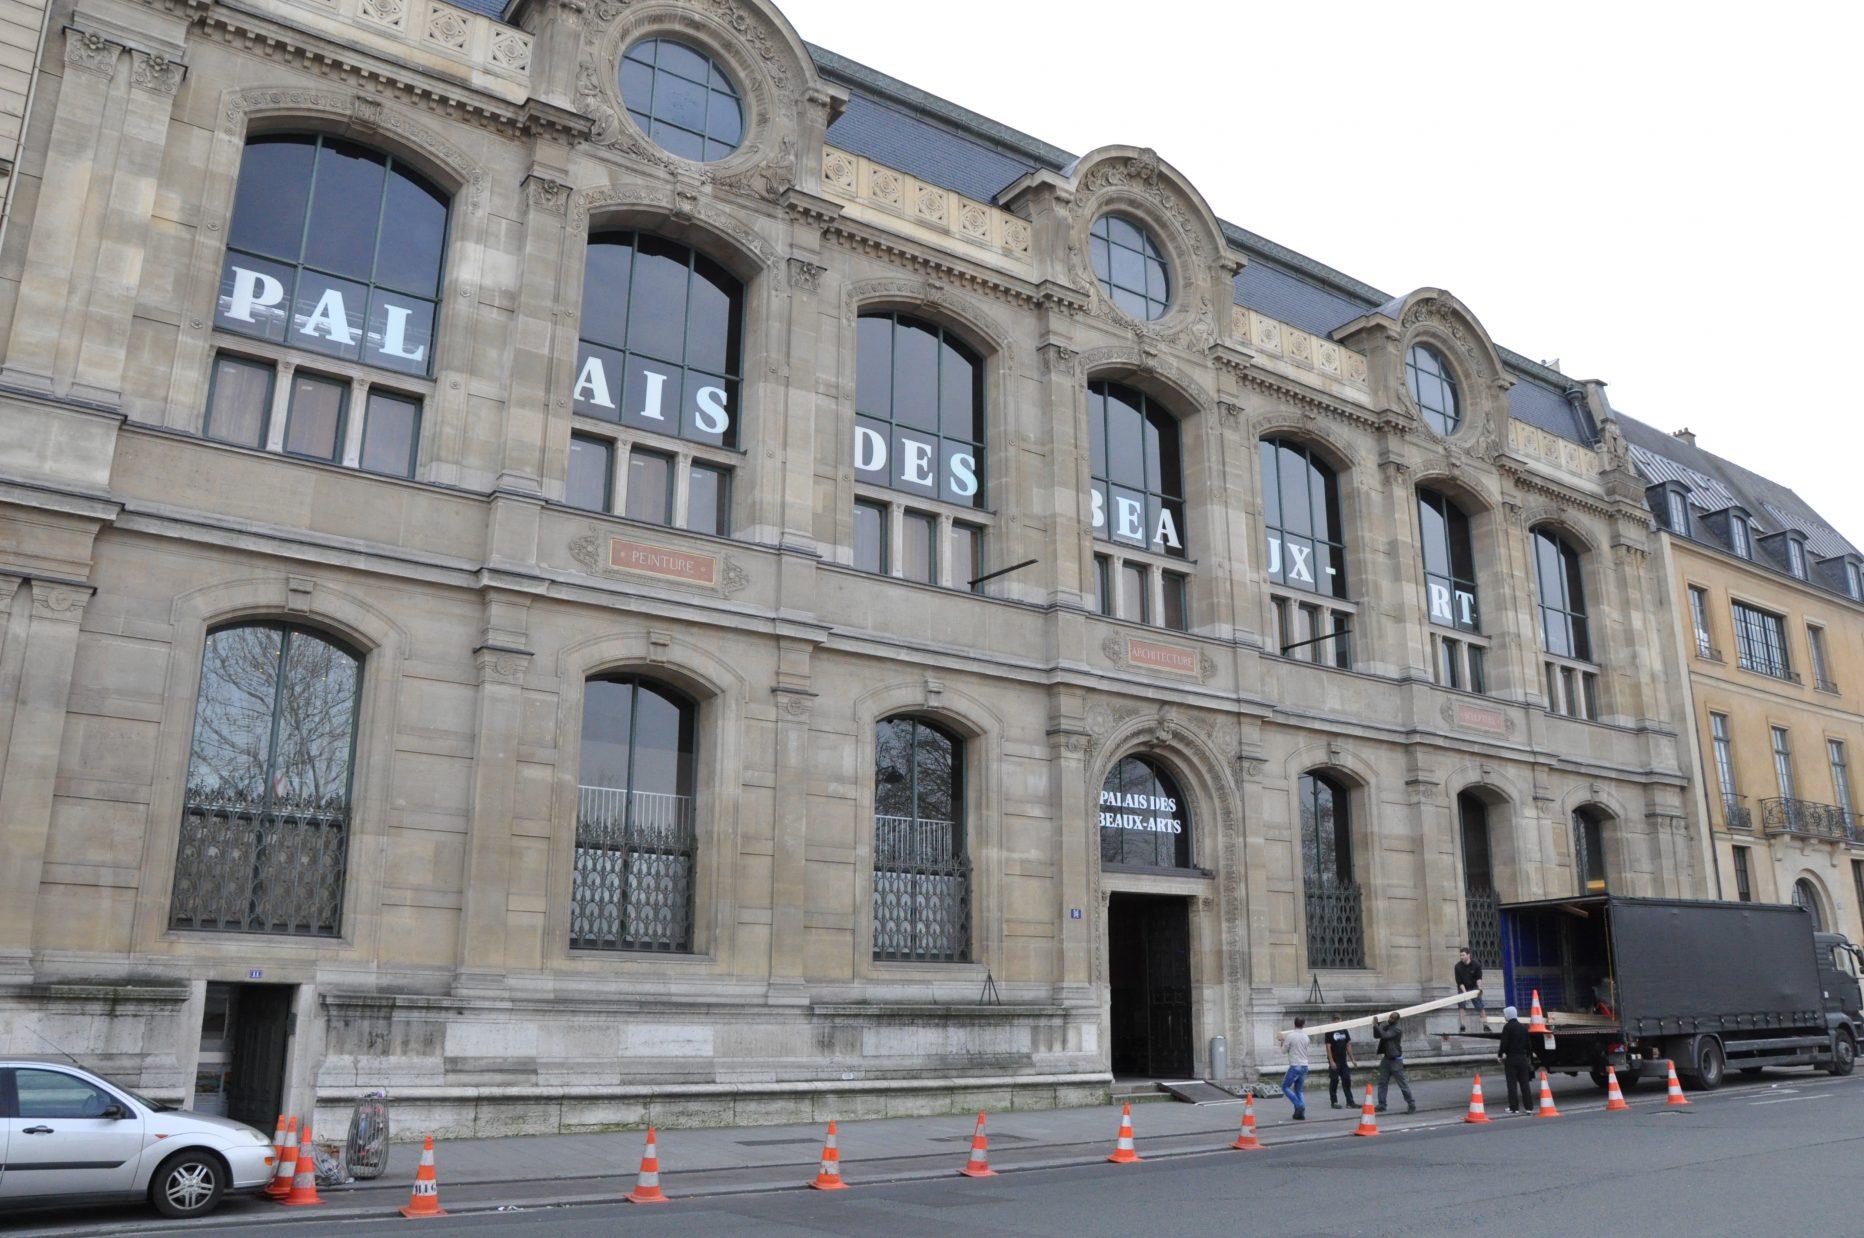 Palais des Beaux-Arts de Paris